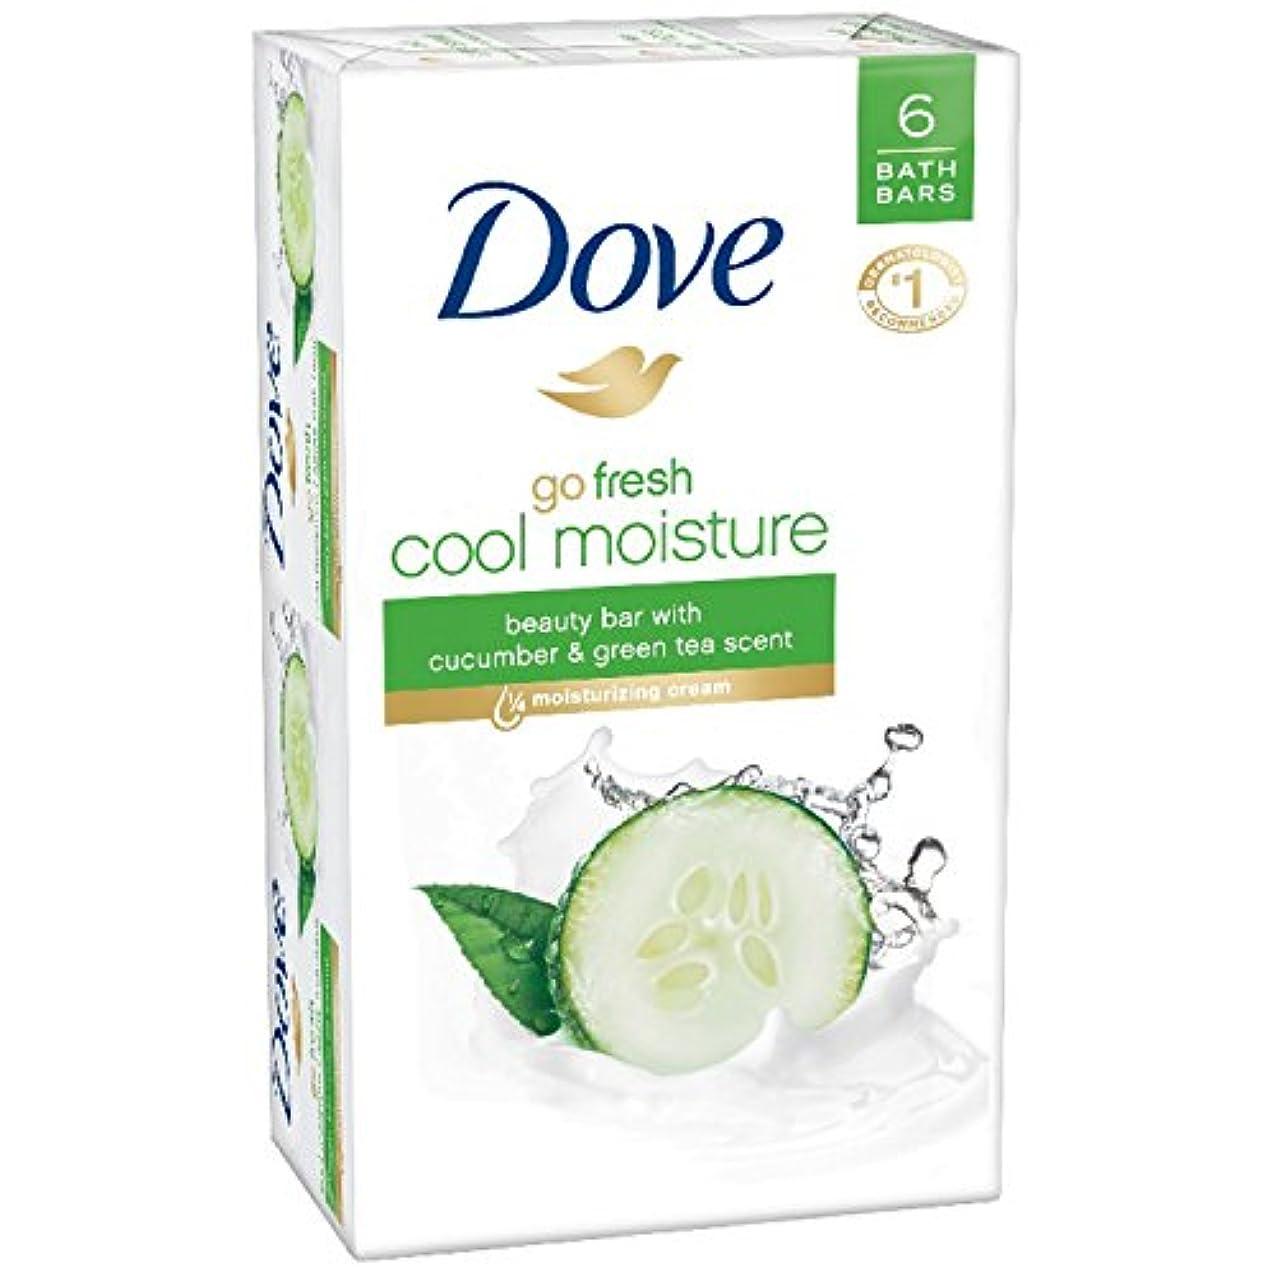 温室媒染剤平衡Dove 新鮮な美しさバー、キュウリ、緑茶4オンス、6バーを移動します